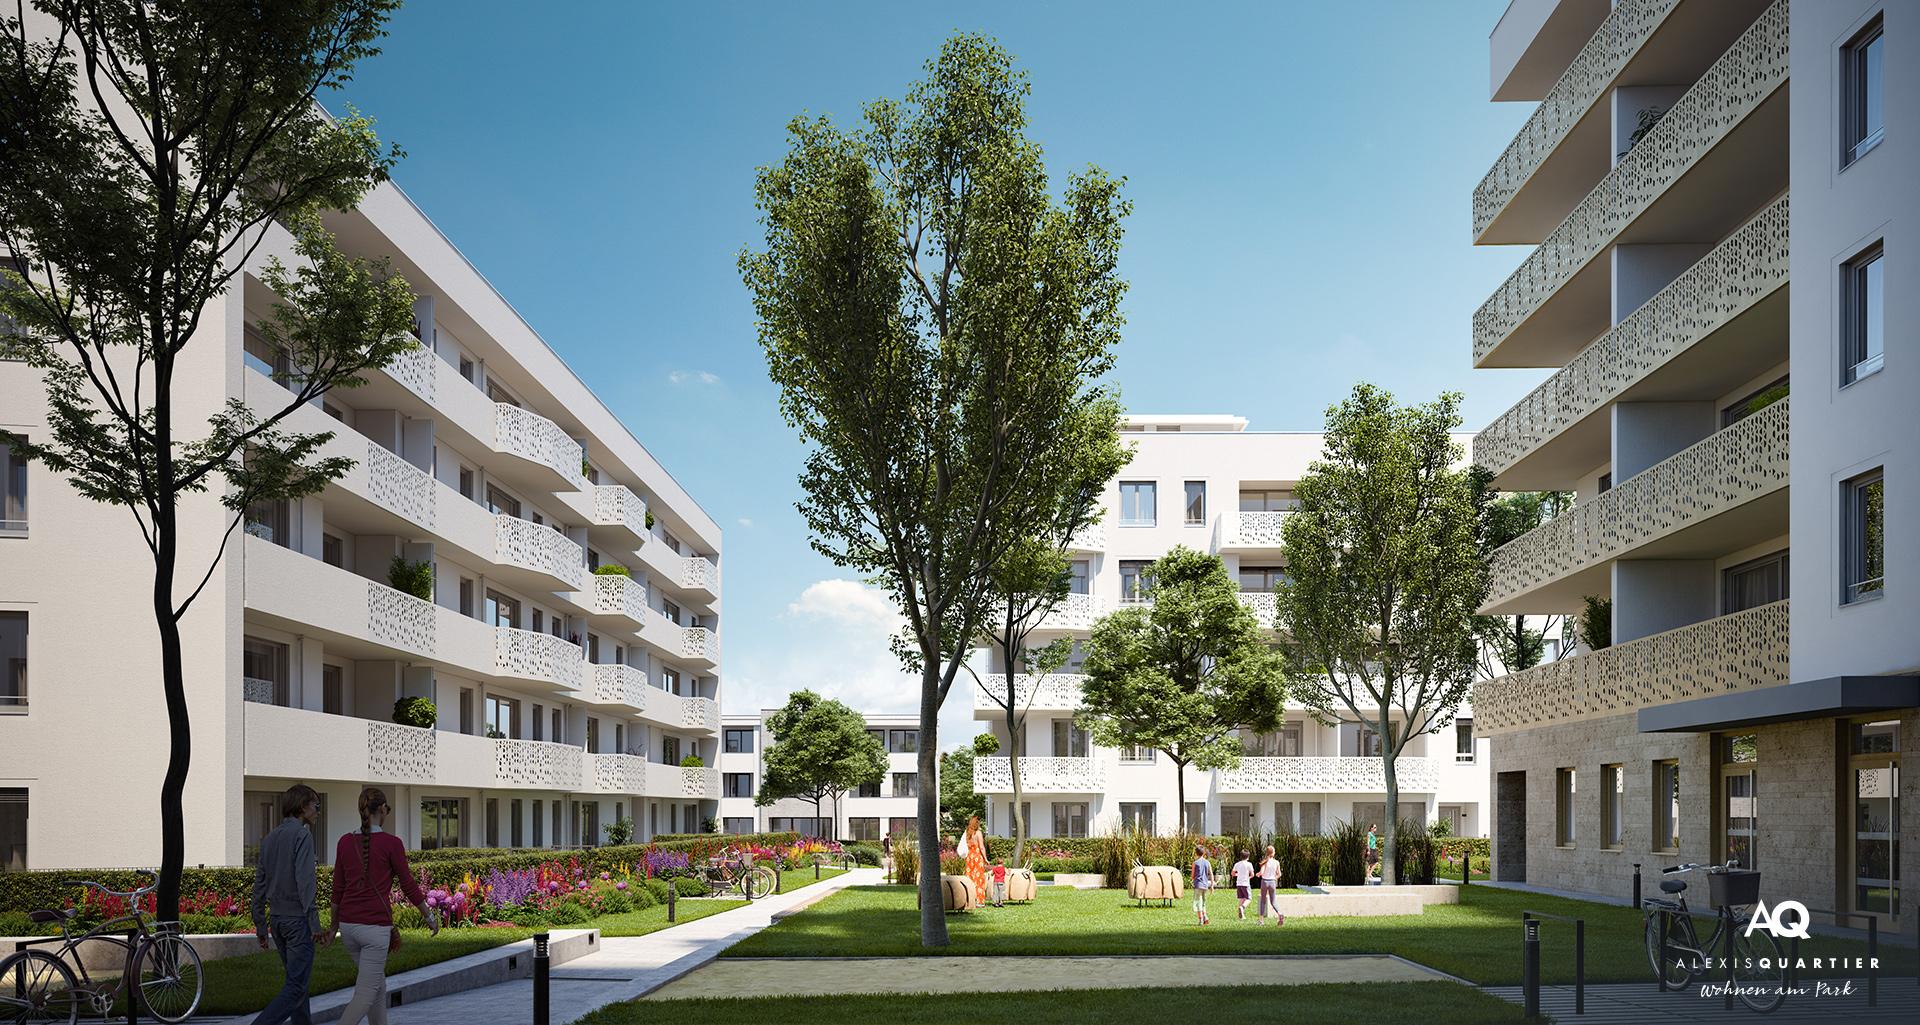 Gewerbeeinheiten München: Alexisquartier - Wohnen am Park